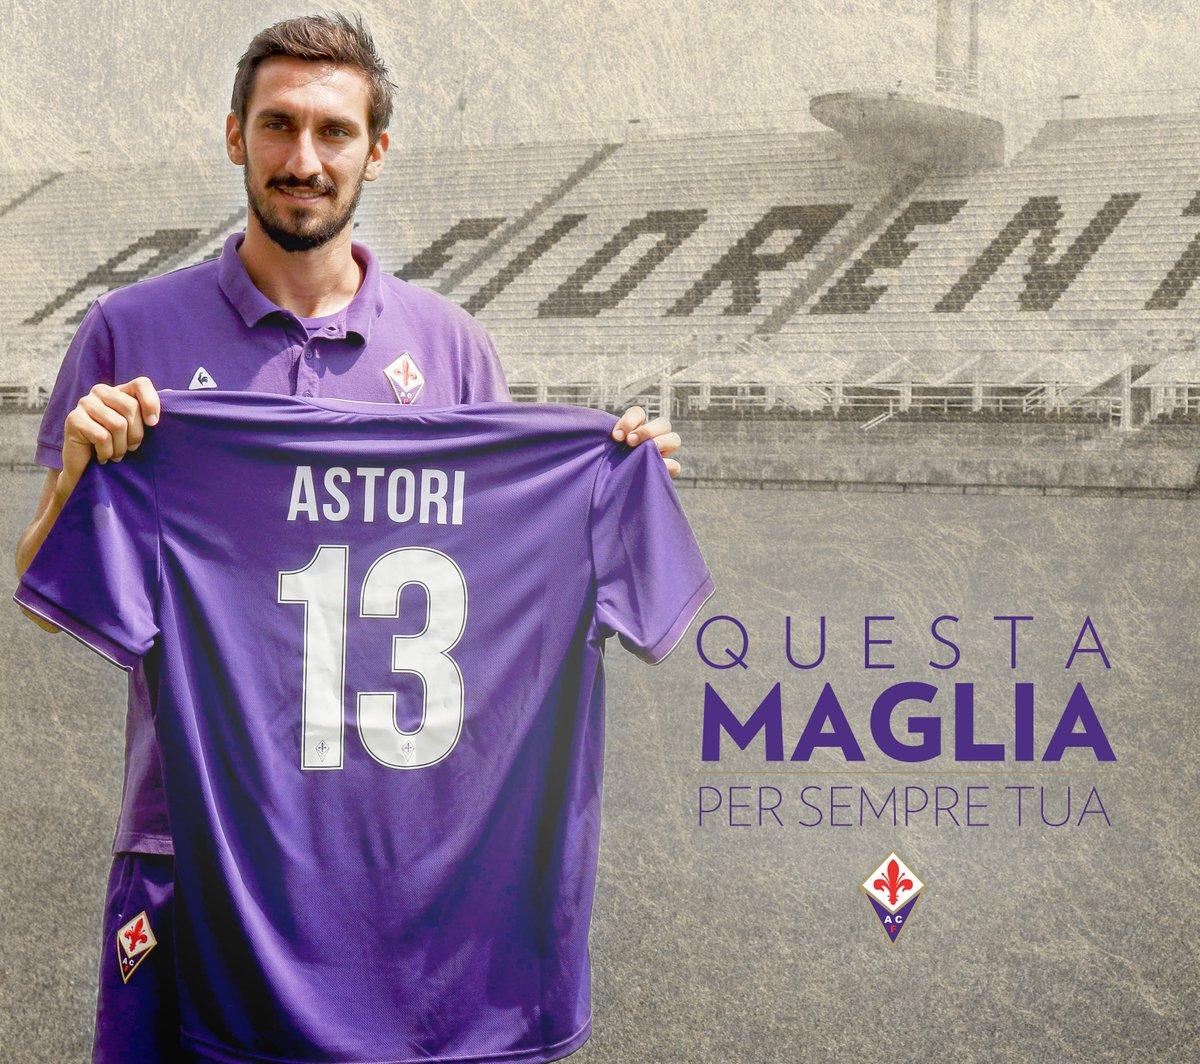 Fiorentina e Cagliari hanno ritirato la maglia numero 13 di Davide Astori